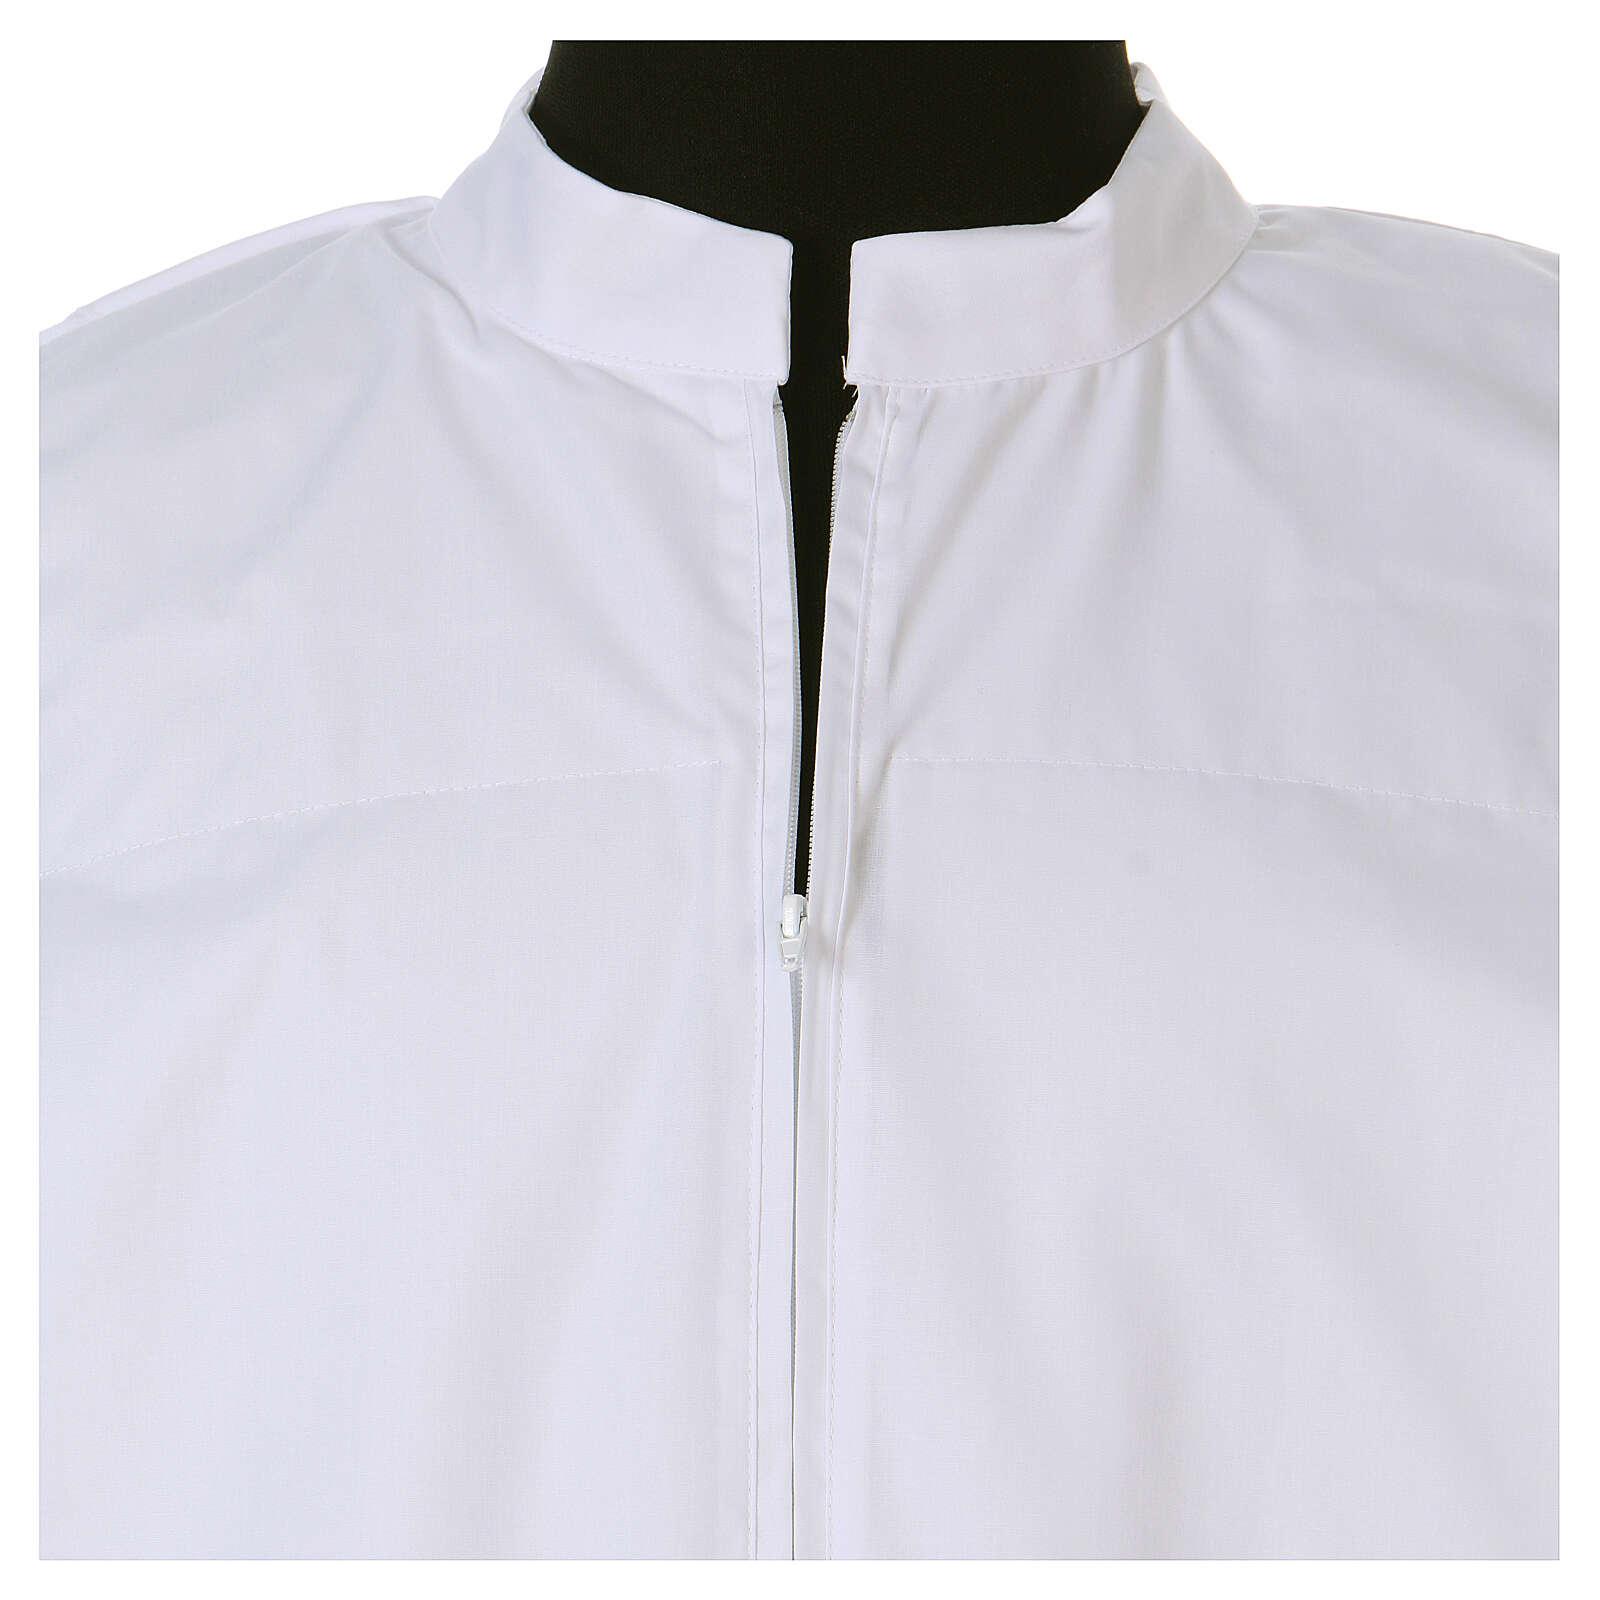 Alva branca 65% poliéster 35% algodão renda fecho de correr  na frente 4